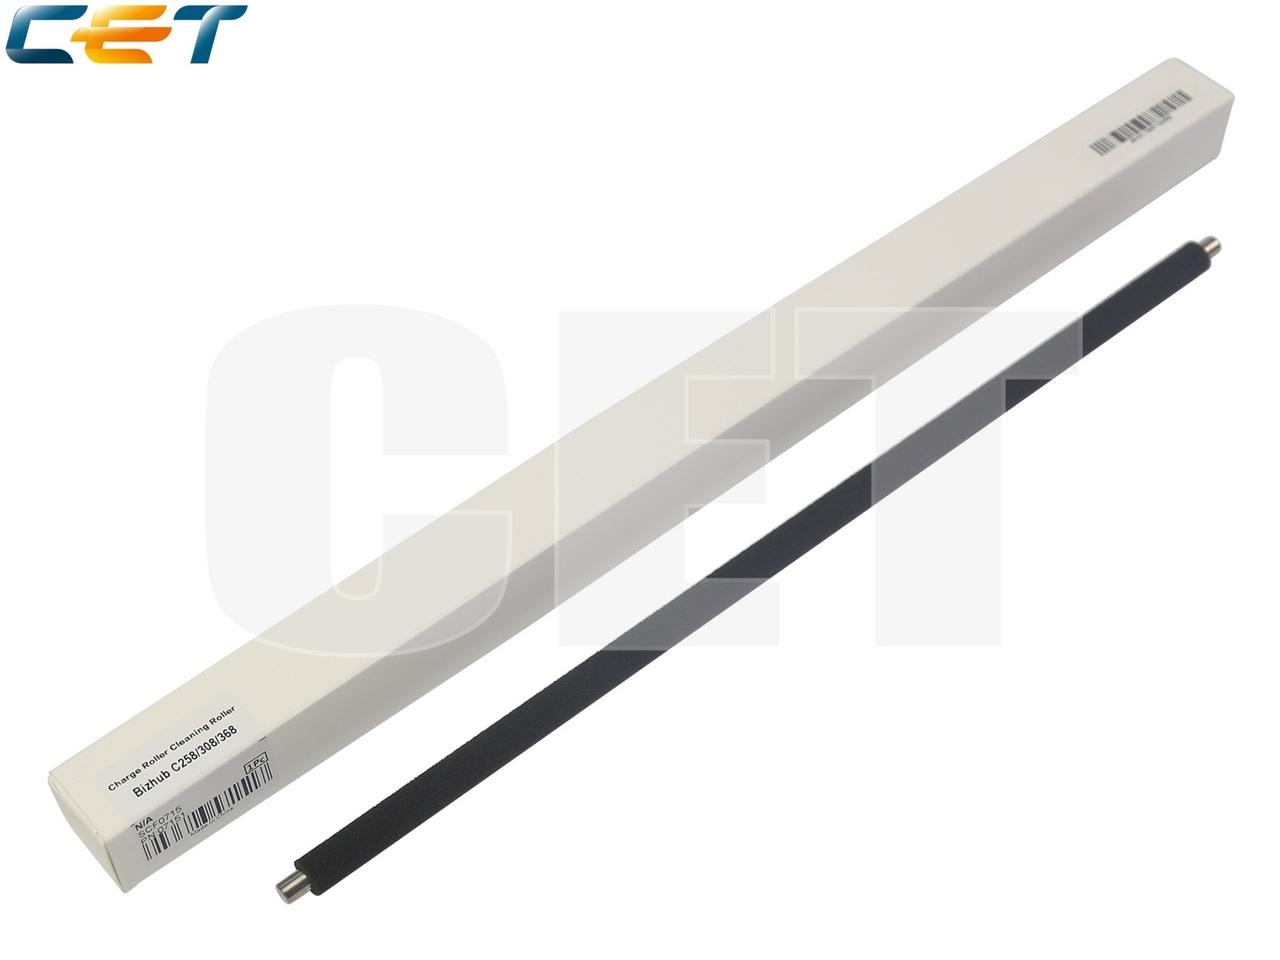 Ролик очистки ролика заряда для KONICA MINOLTA BizhubC258/C308/C368 (CET), CET7151